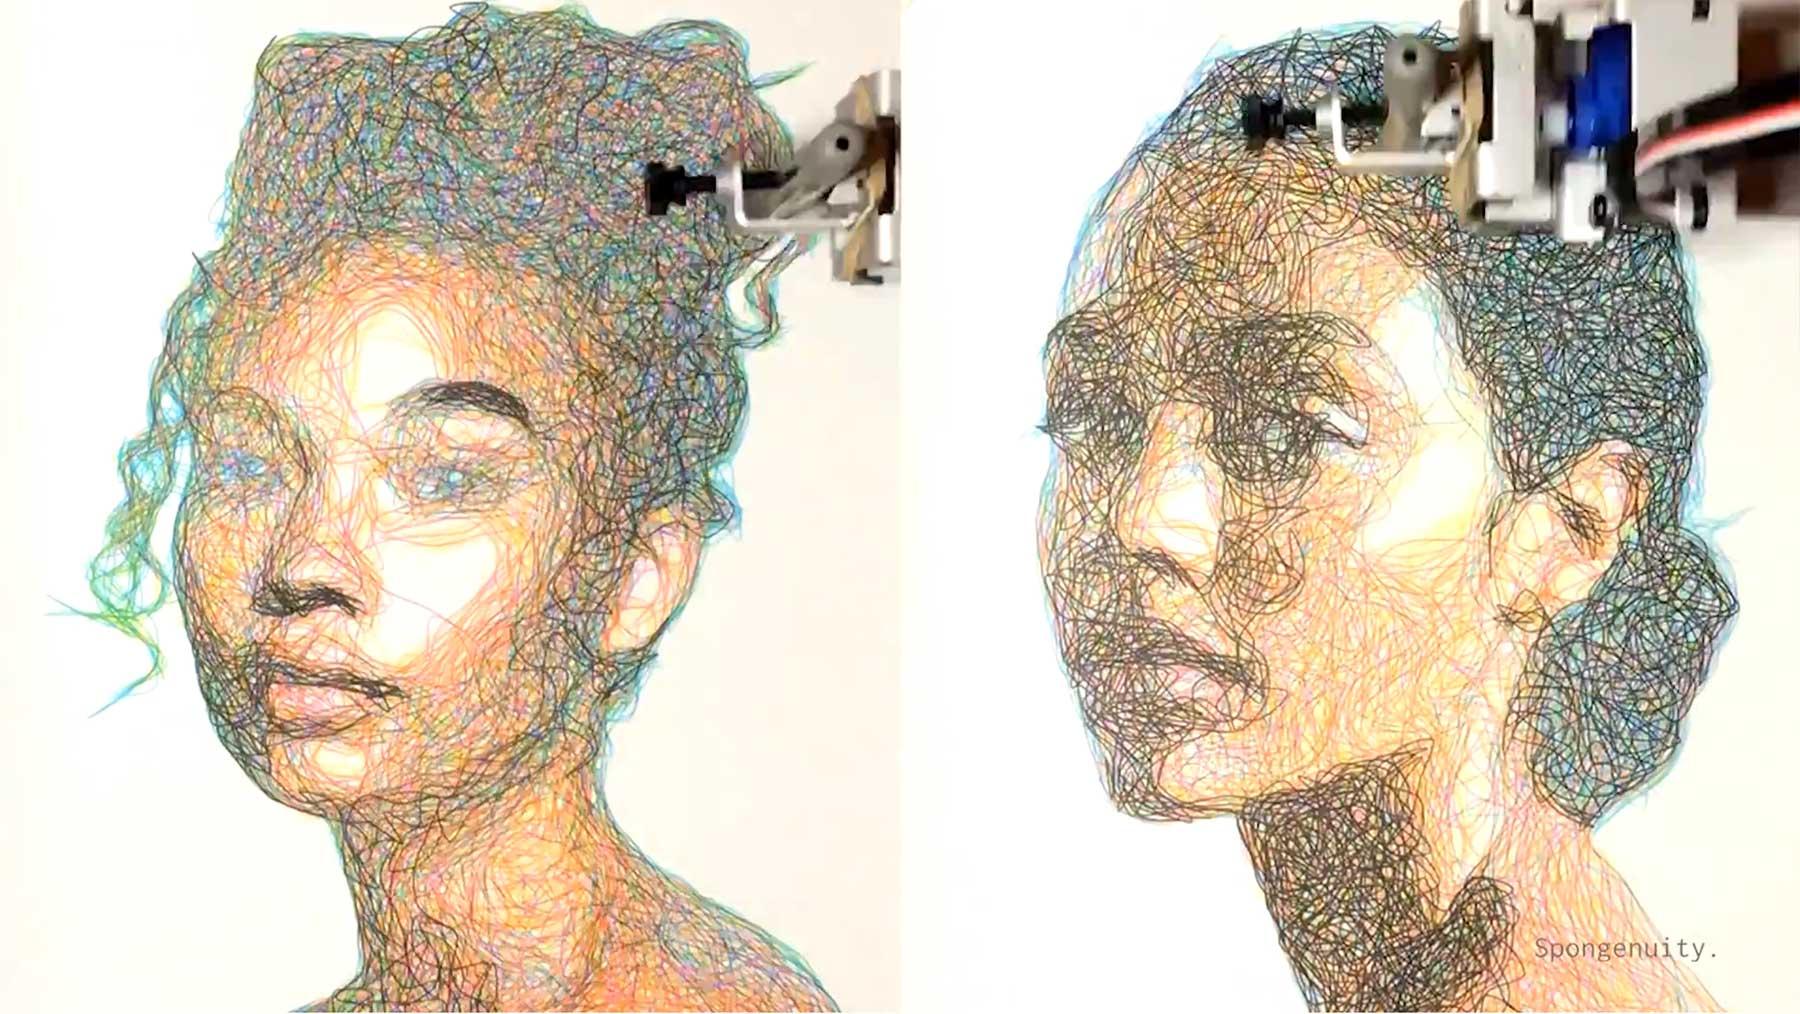 Roboter malt CMYK-Portraits auf Basis von Algorithmen roboter-malt-cmyk-portraits